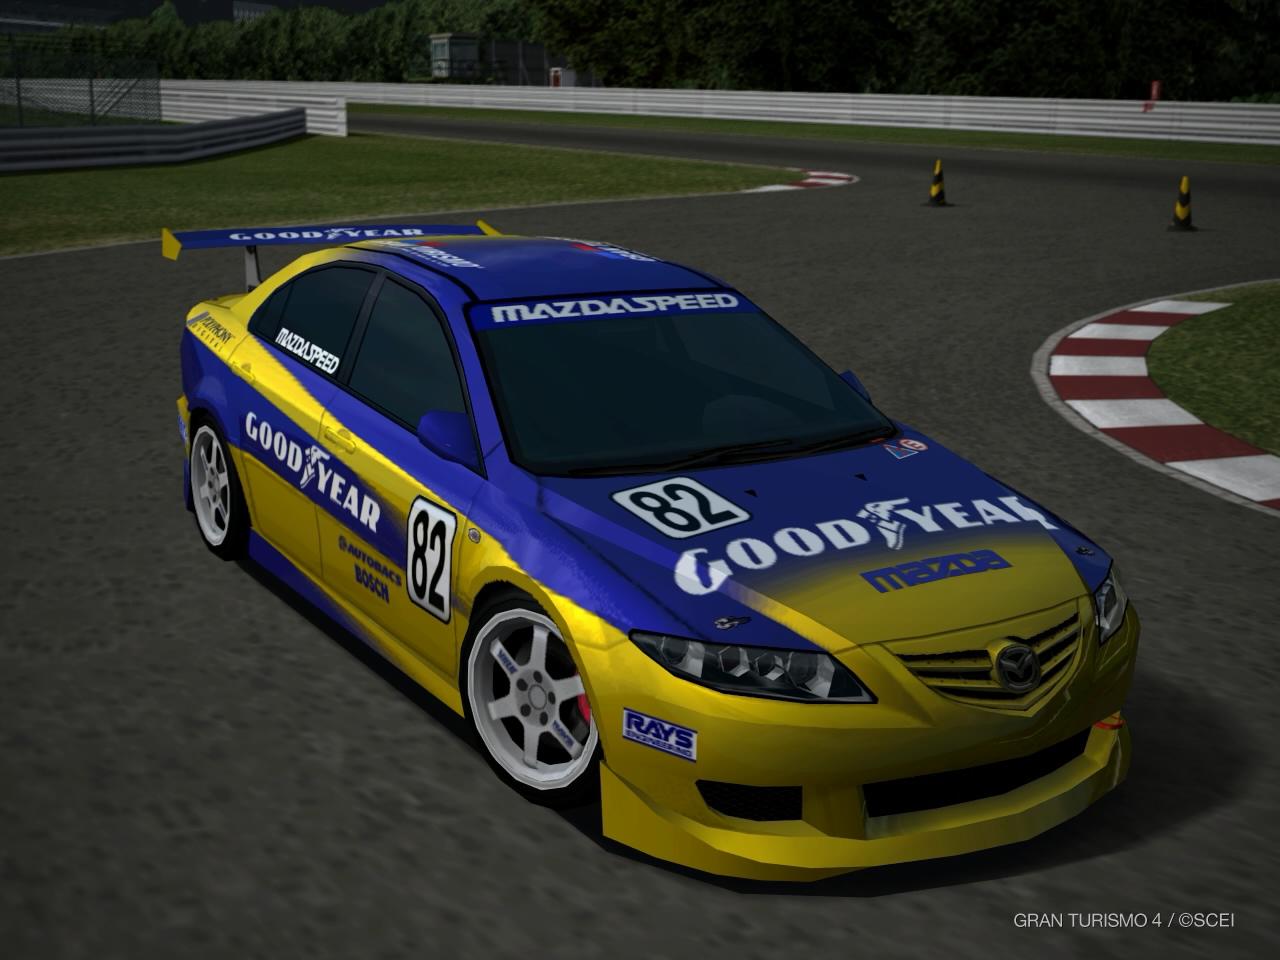 Image Mazda6 Touring Car 02 Revised Jpg Gran Turismo Wiki